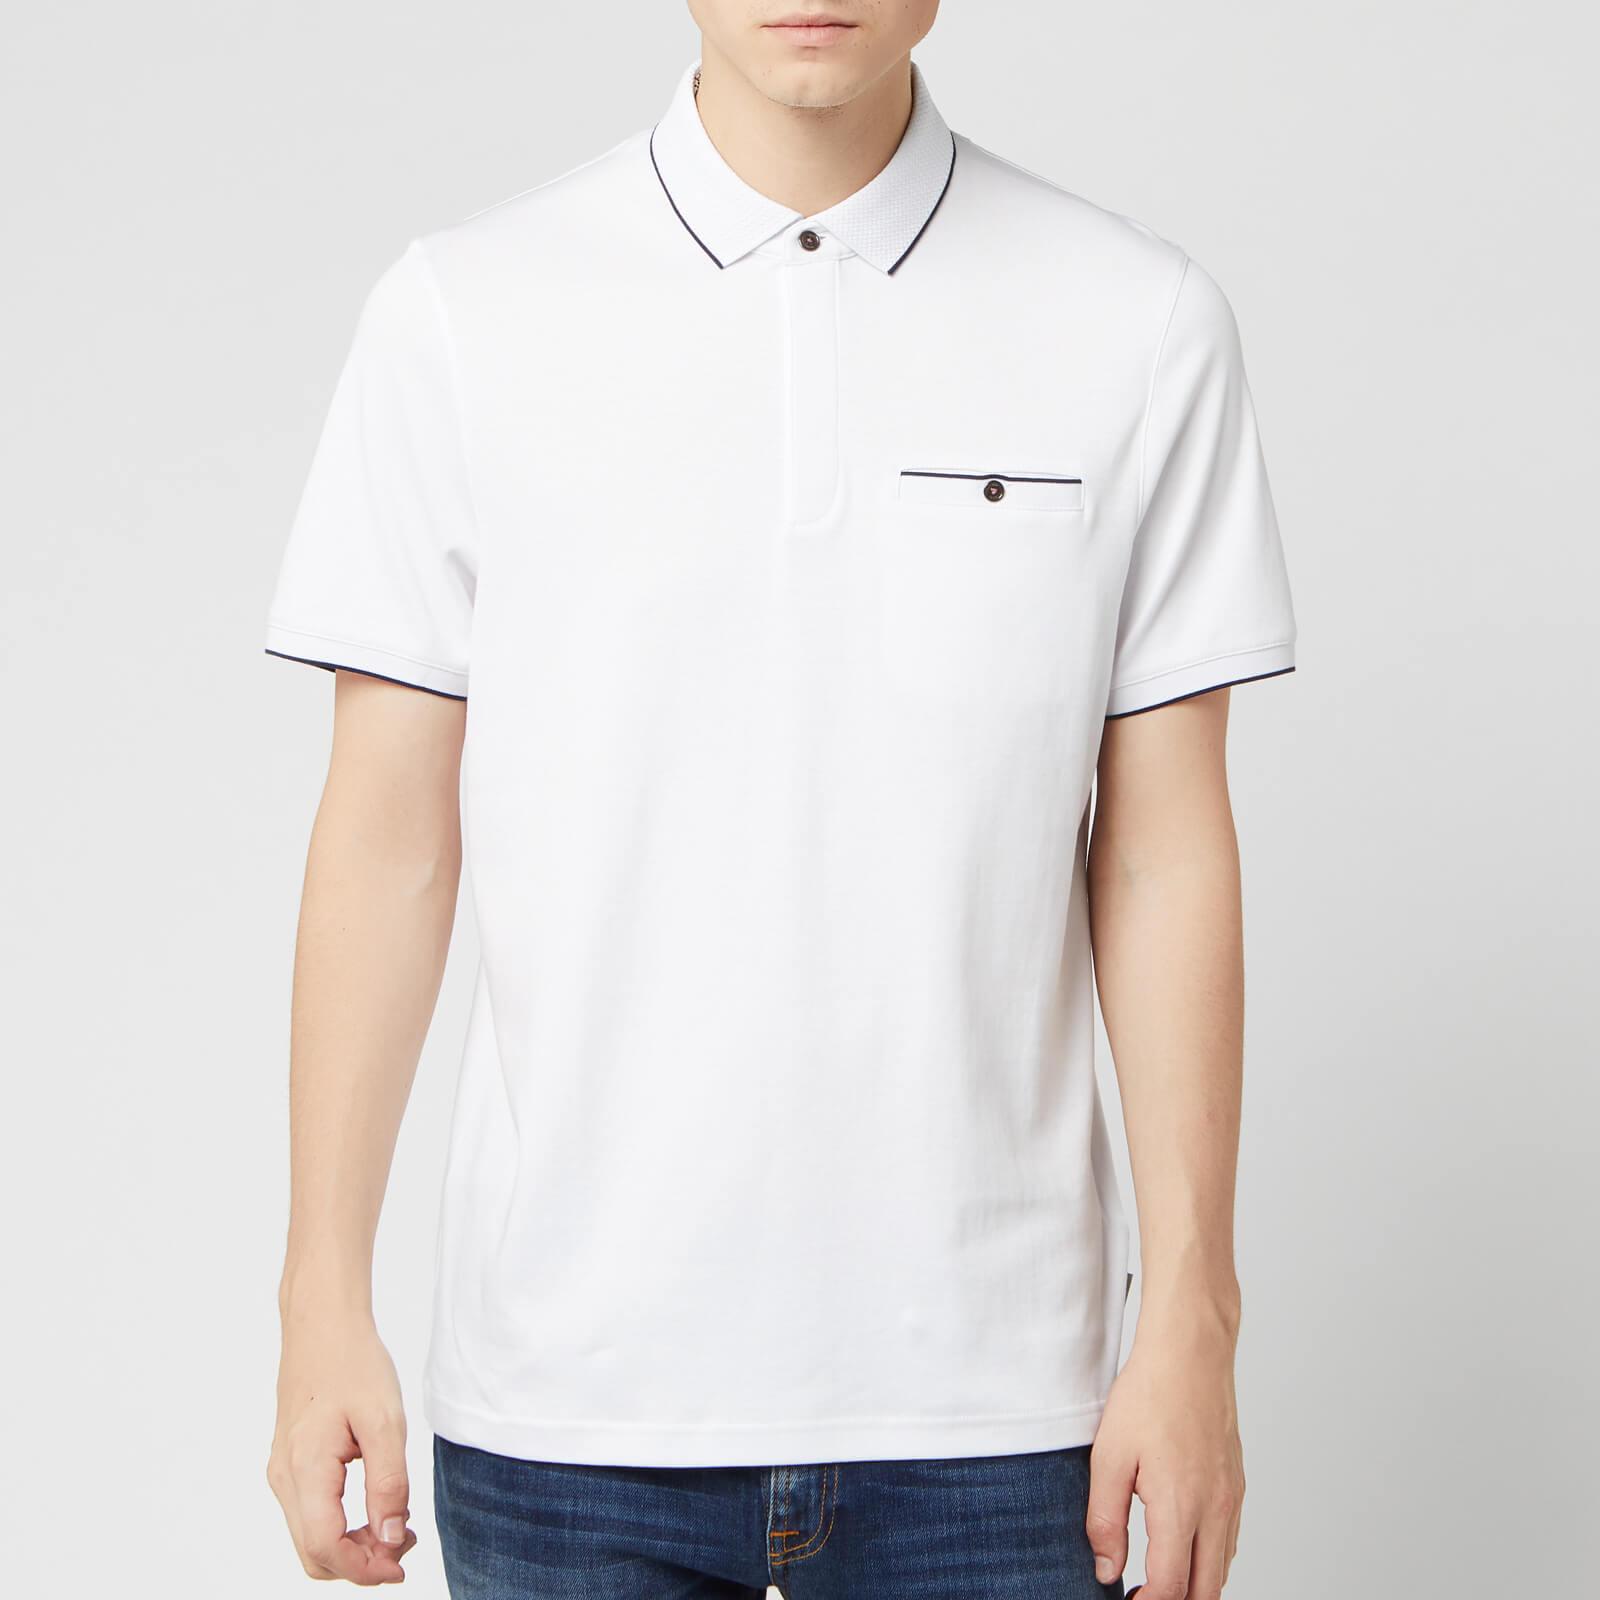 Ted Baker Men's Fincham Polo Shirt - White - L/4